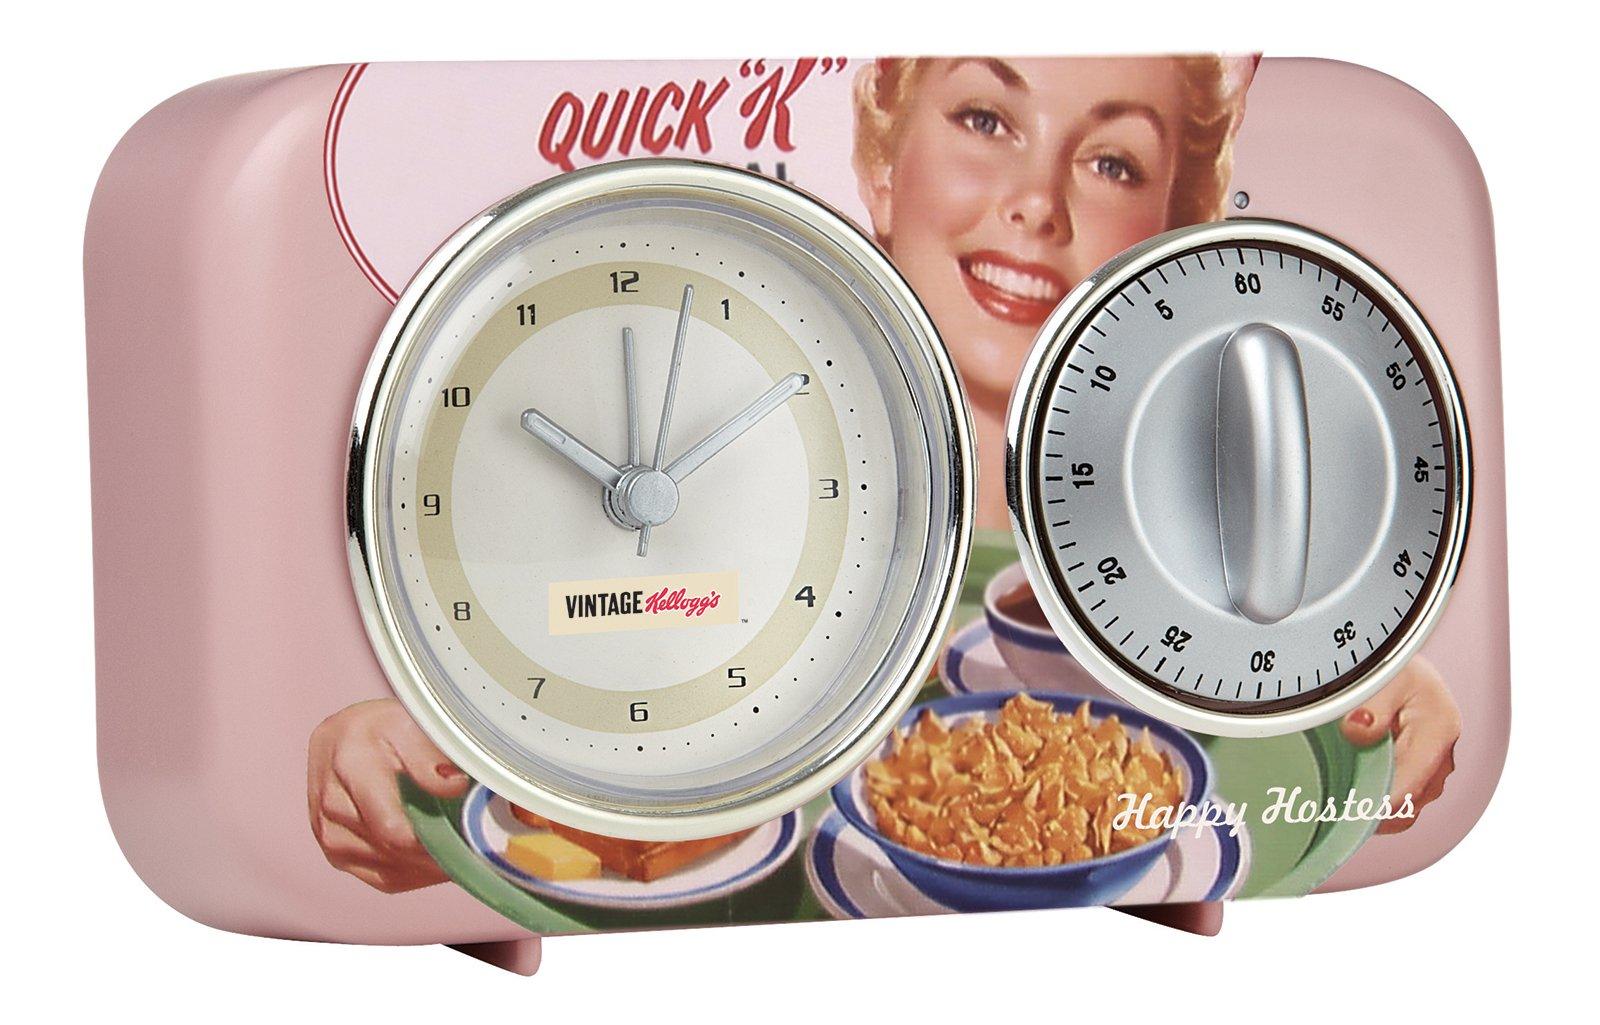 Timer&Sveglia Kellogg's di Maiuguali, in materiale plastico e metallo. L 15 x H 8 cm. 21 euro. www.maiuguali.it